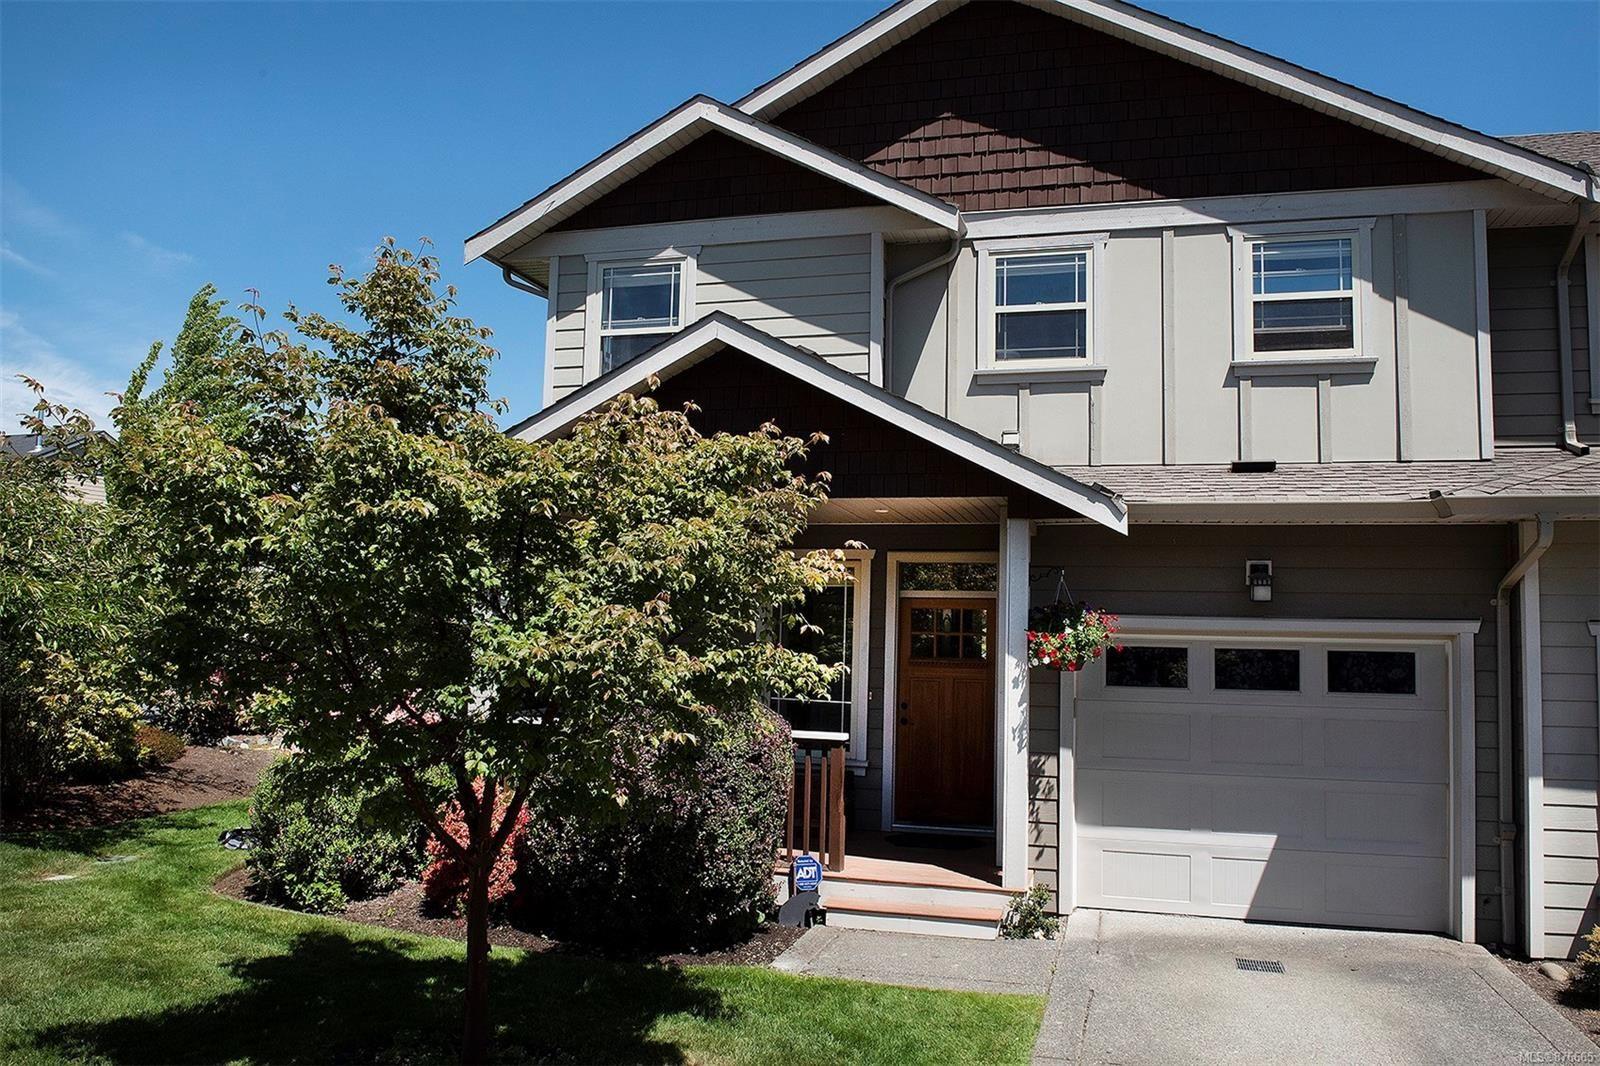 Main Photo: 102 6591 Arranwood Dr in : Sk Sooke Vill Core Row/Townhouse for sale (Sooke)  : MLS®# 876665